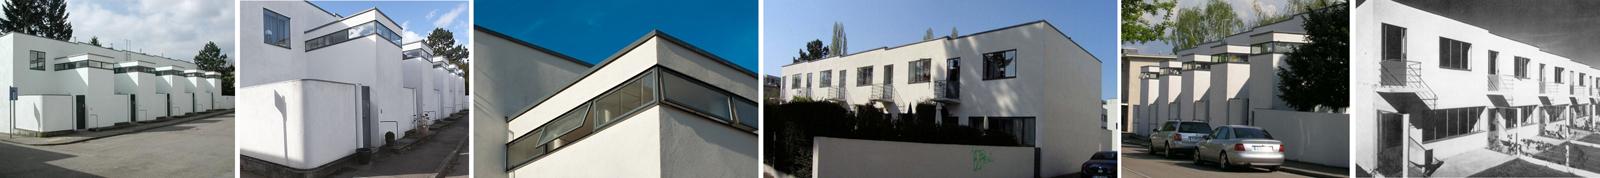 Case a schiera al Weissenhofsiedlung